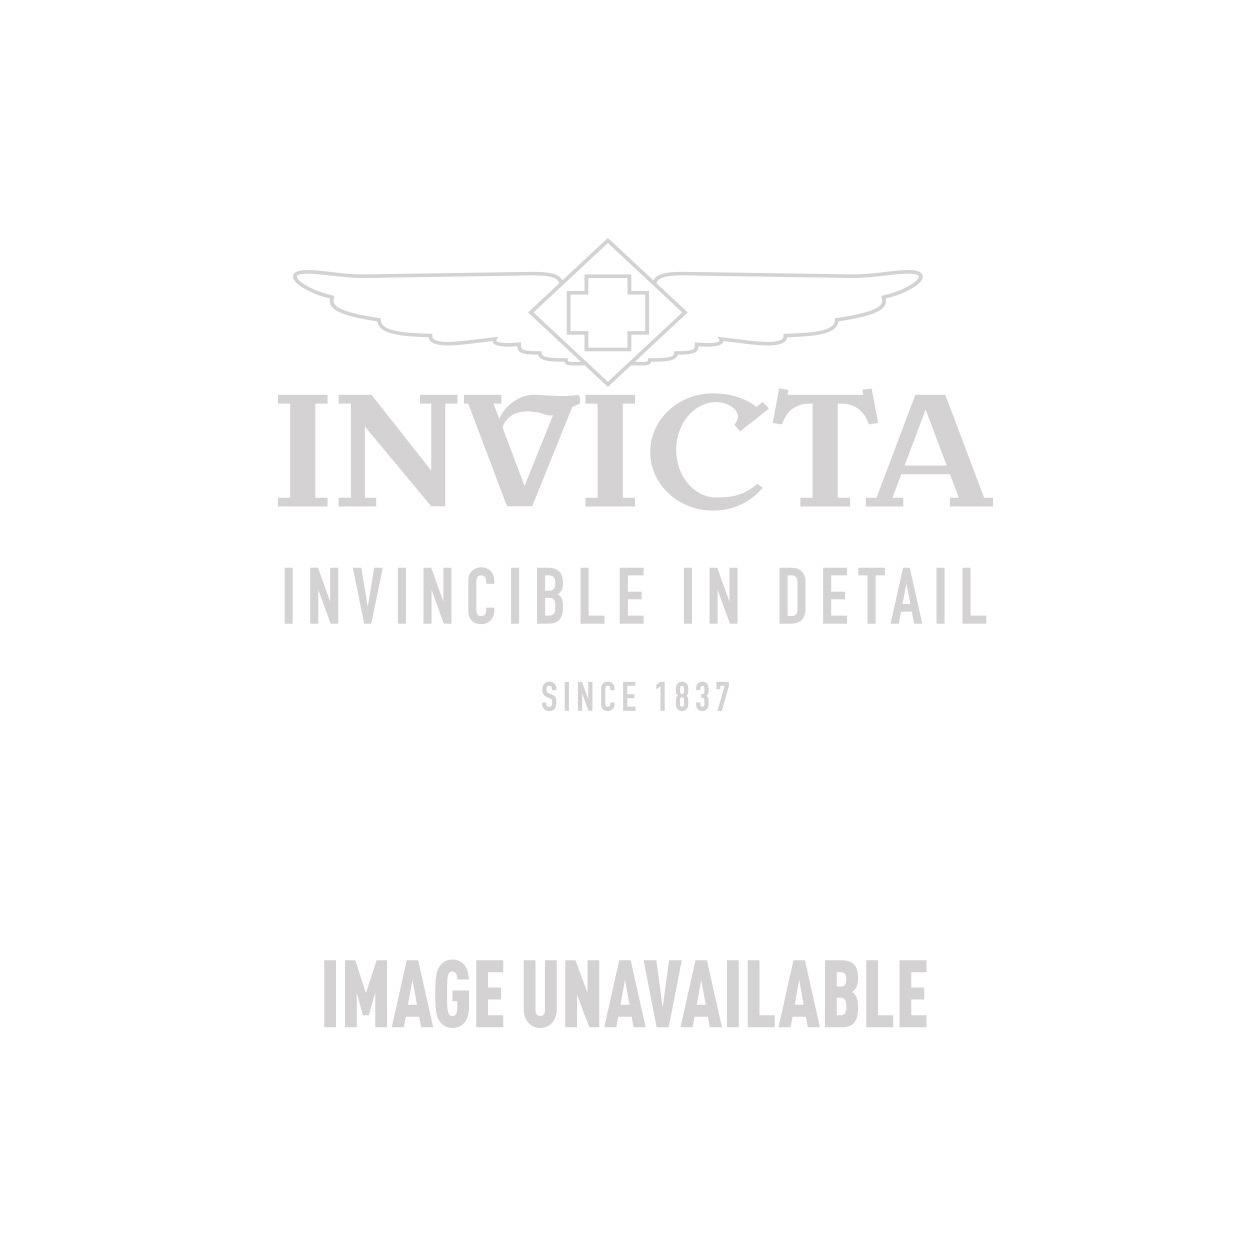 Invicta S1 Rally Quartz Watch - Black case with Orange tone Silicone band - Model 18614